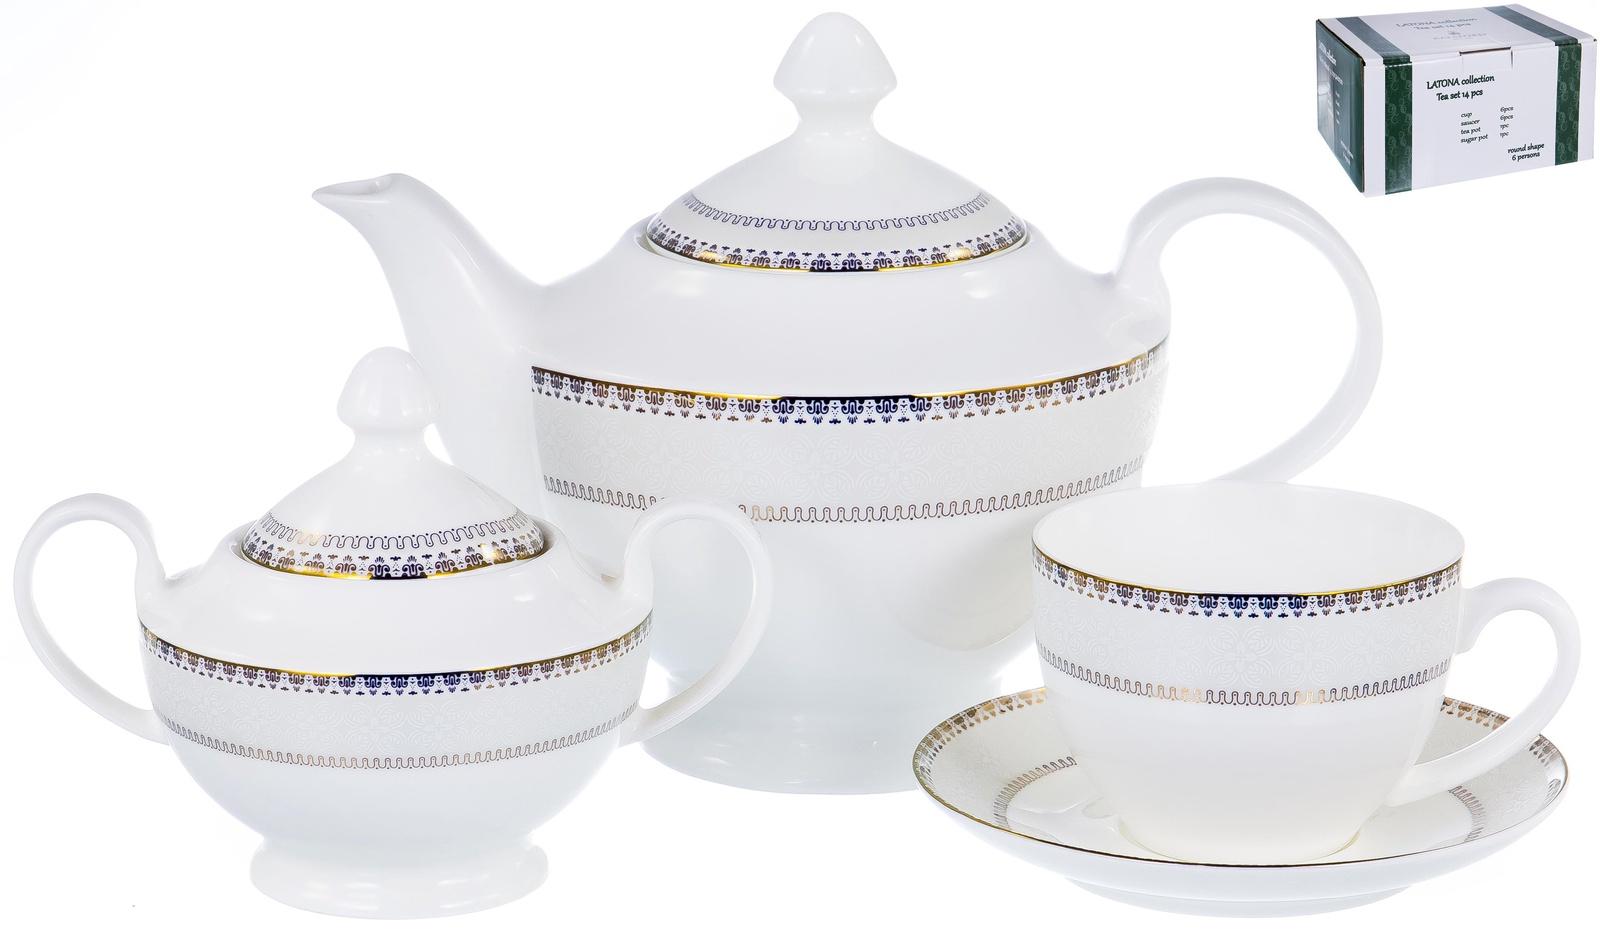 Набор чайный ЛАТОНА, серия Восточная сказка, 6 чашек 300мл, 6 блюдец , чайник 1200мл с крышкой , сахарница 470 мл с крышкой, NEW BONE CHINA, декор - цветочный орнамент, цветная упаковка, ТМ Balsford, артикул 104-03027 стоимость